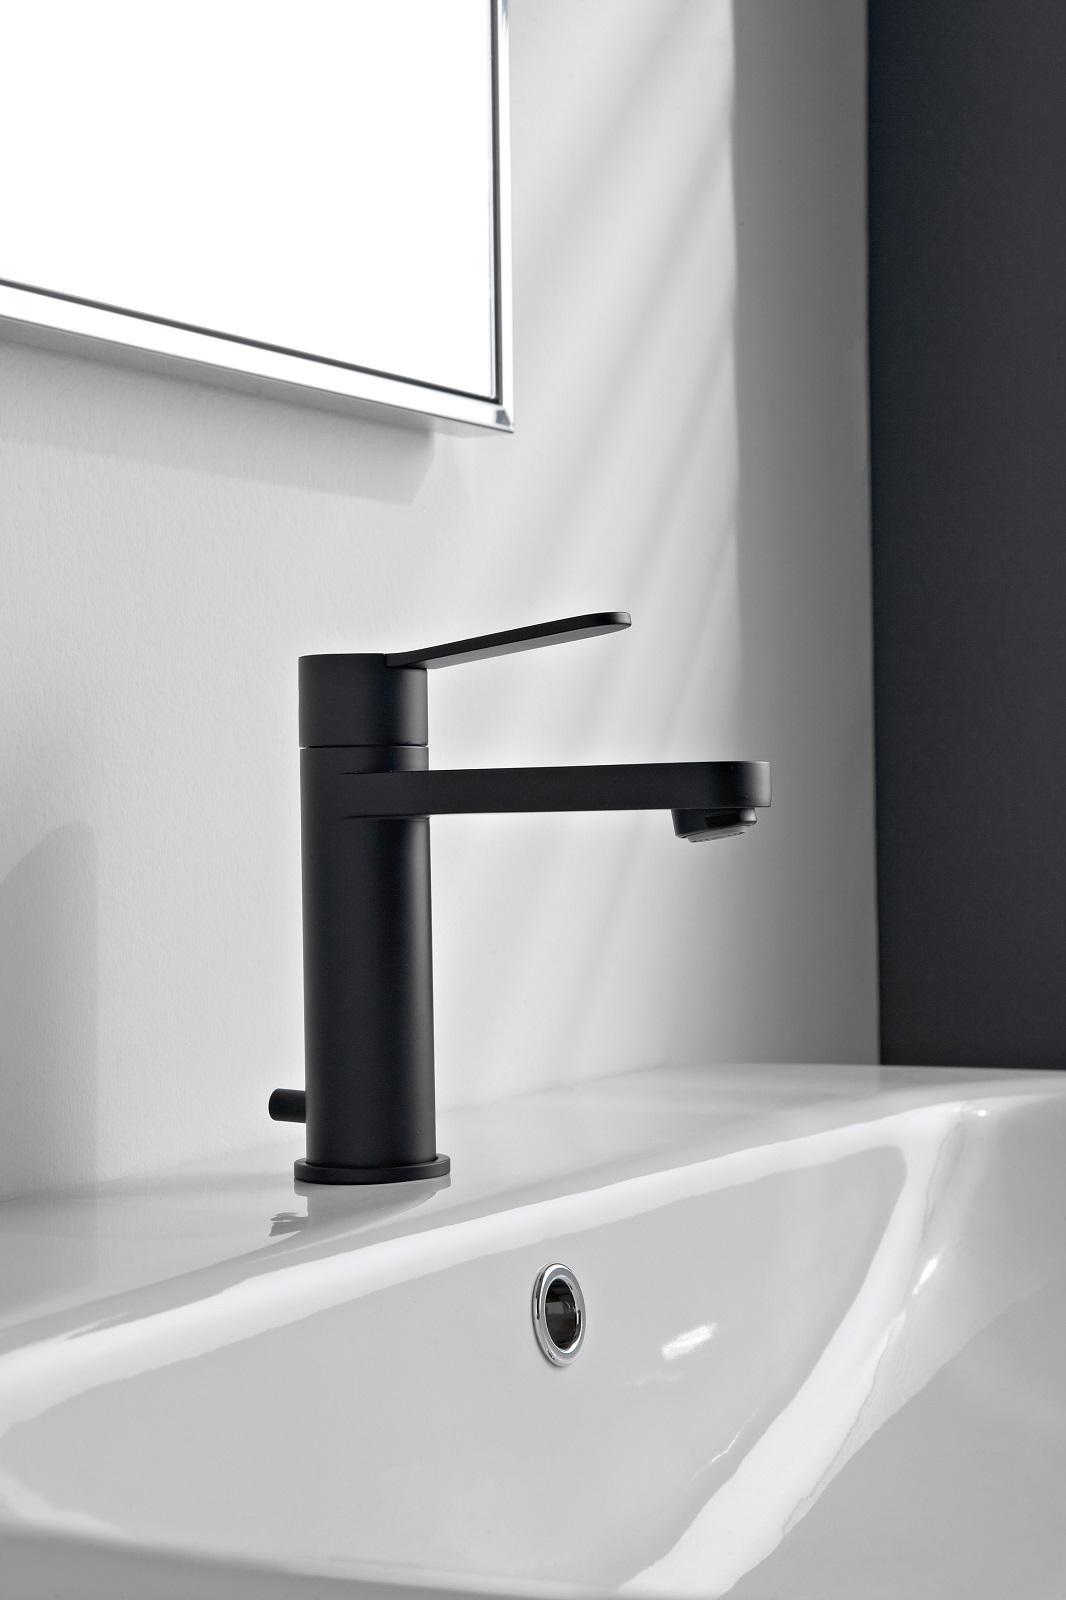 Rubinetti neri per un bagno moderno e chic cose di casa - Miscelatore bagno moderno ...